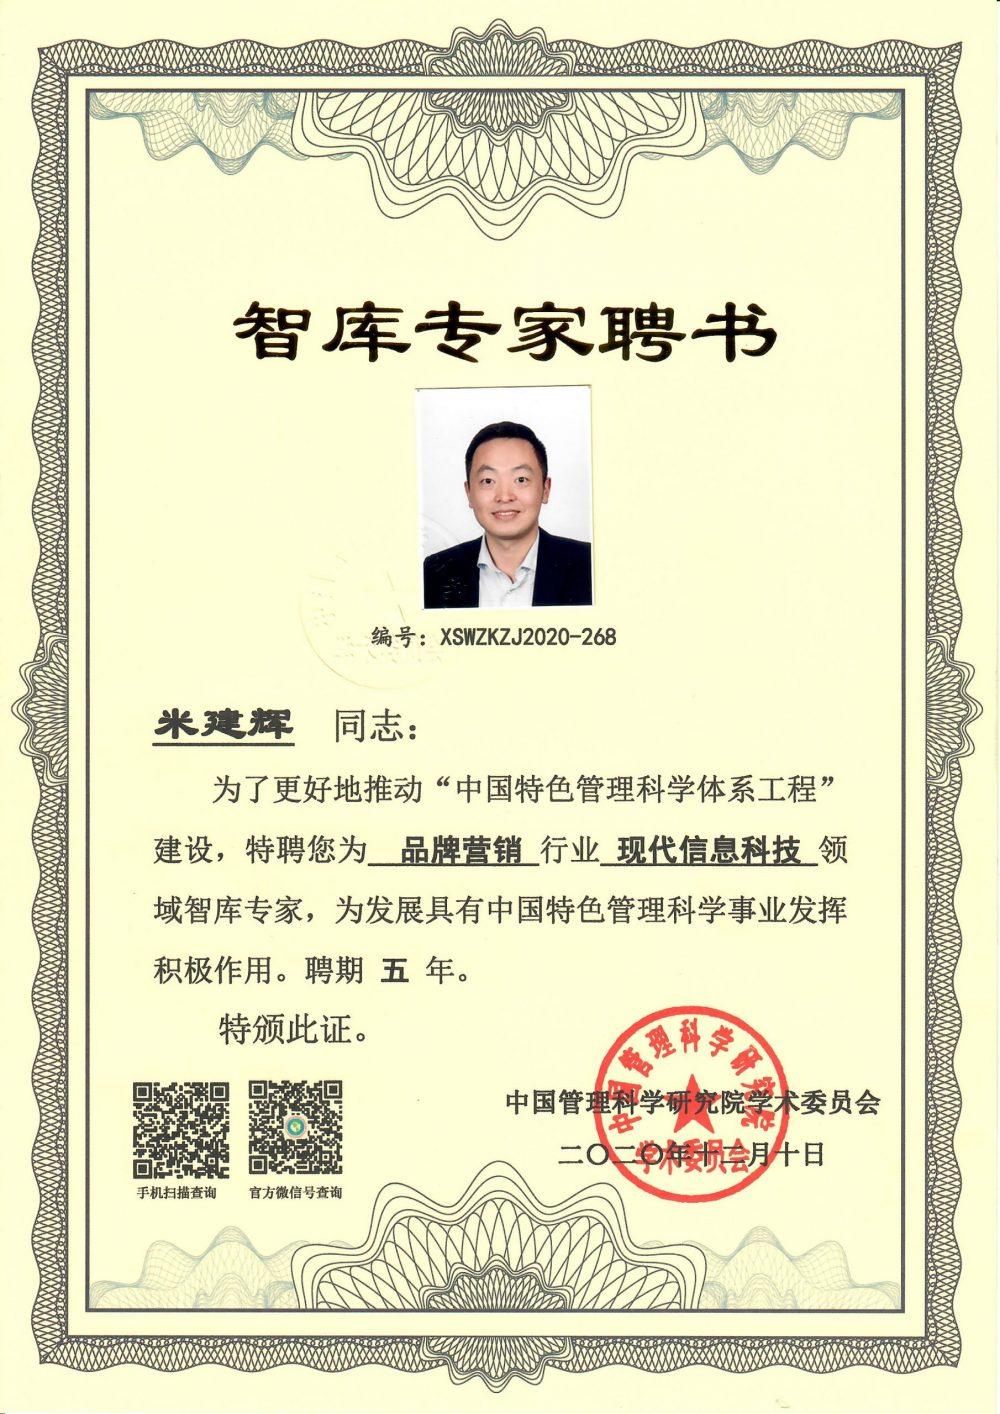 中国管理科学院学术委员会-智库专家-米建辉-中文